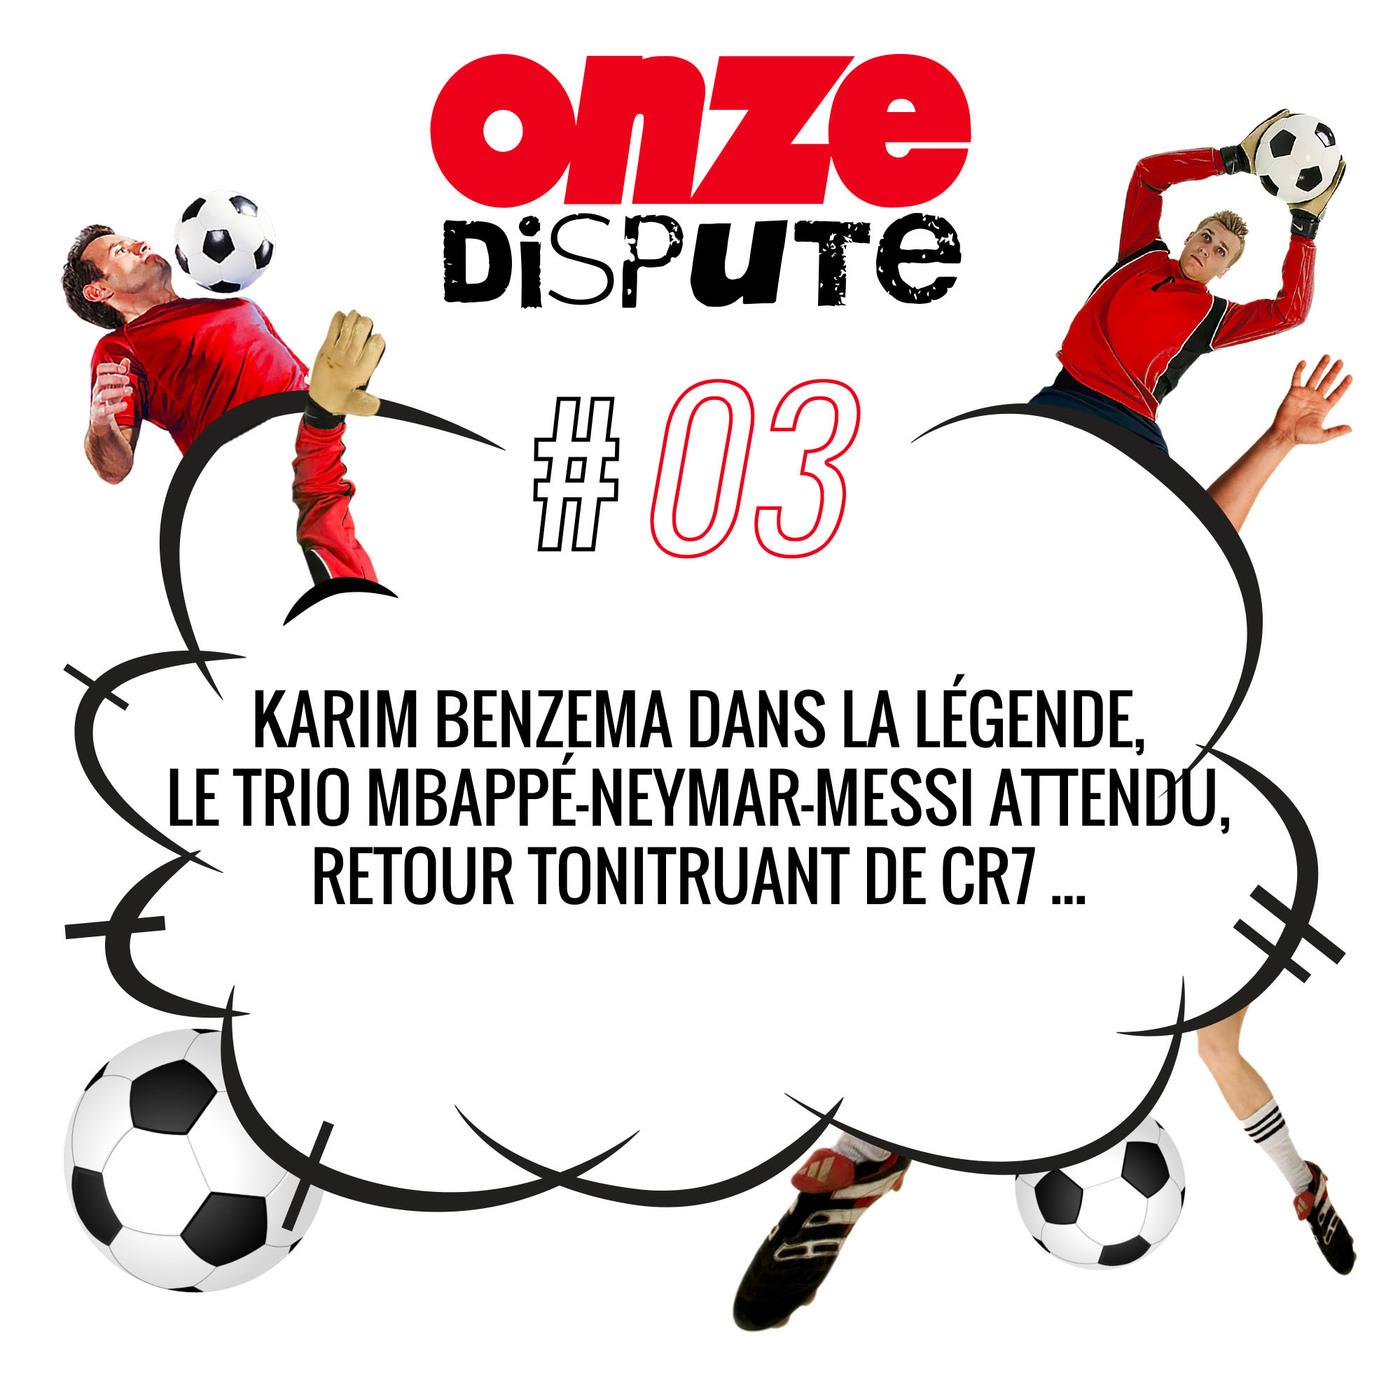 #3 Karim Benzema dans la légende, le trio Mbappé-Neymar-Messi attendu, retour tonitruant de CR7